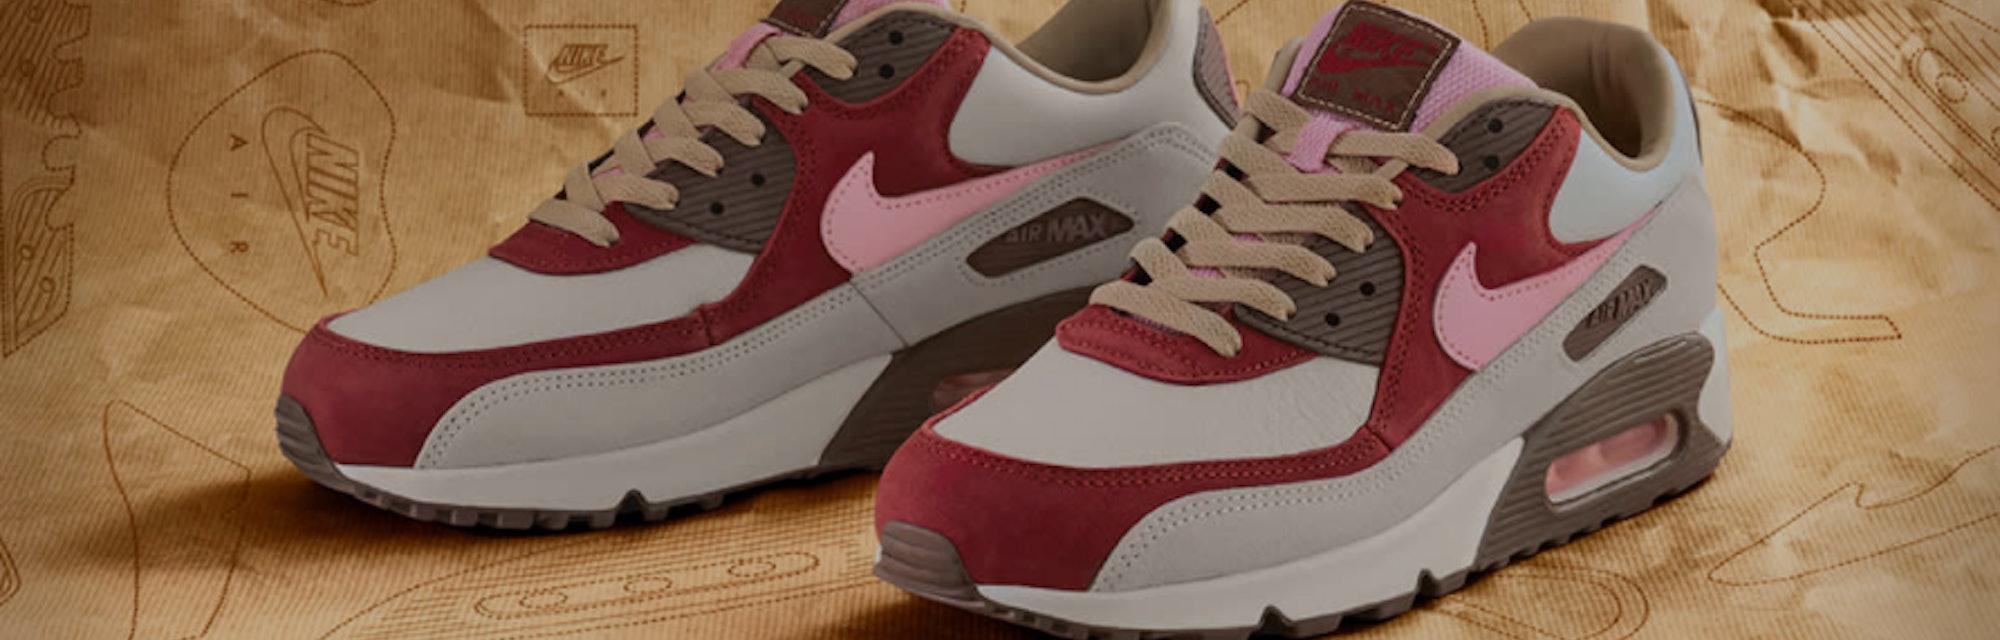 Nike 'Bacon' Air Max 90